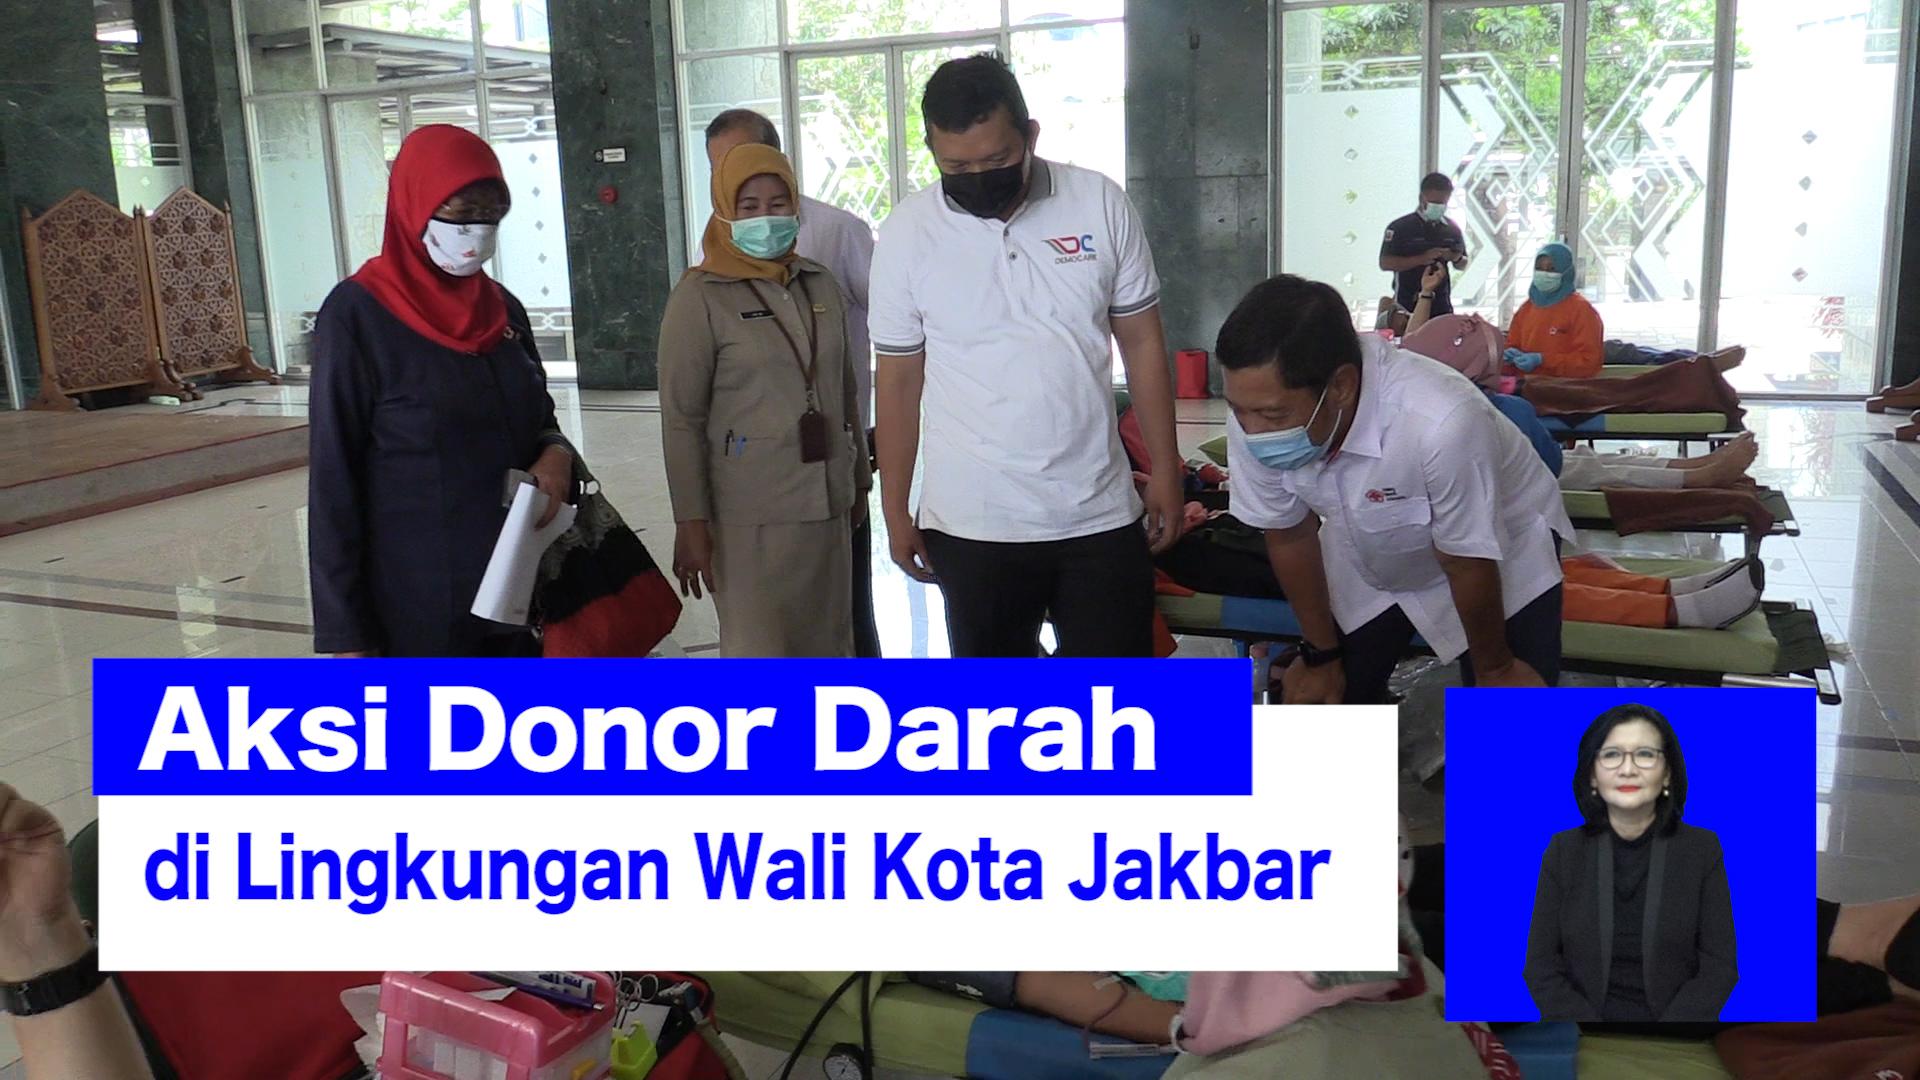 Aksi Donor Darah di Lingkungan Wali Kota Jakbar